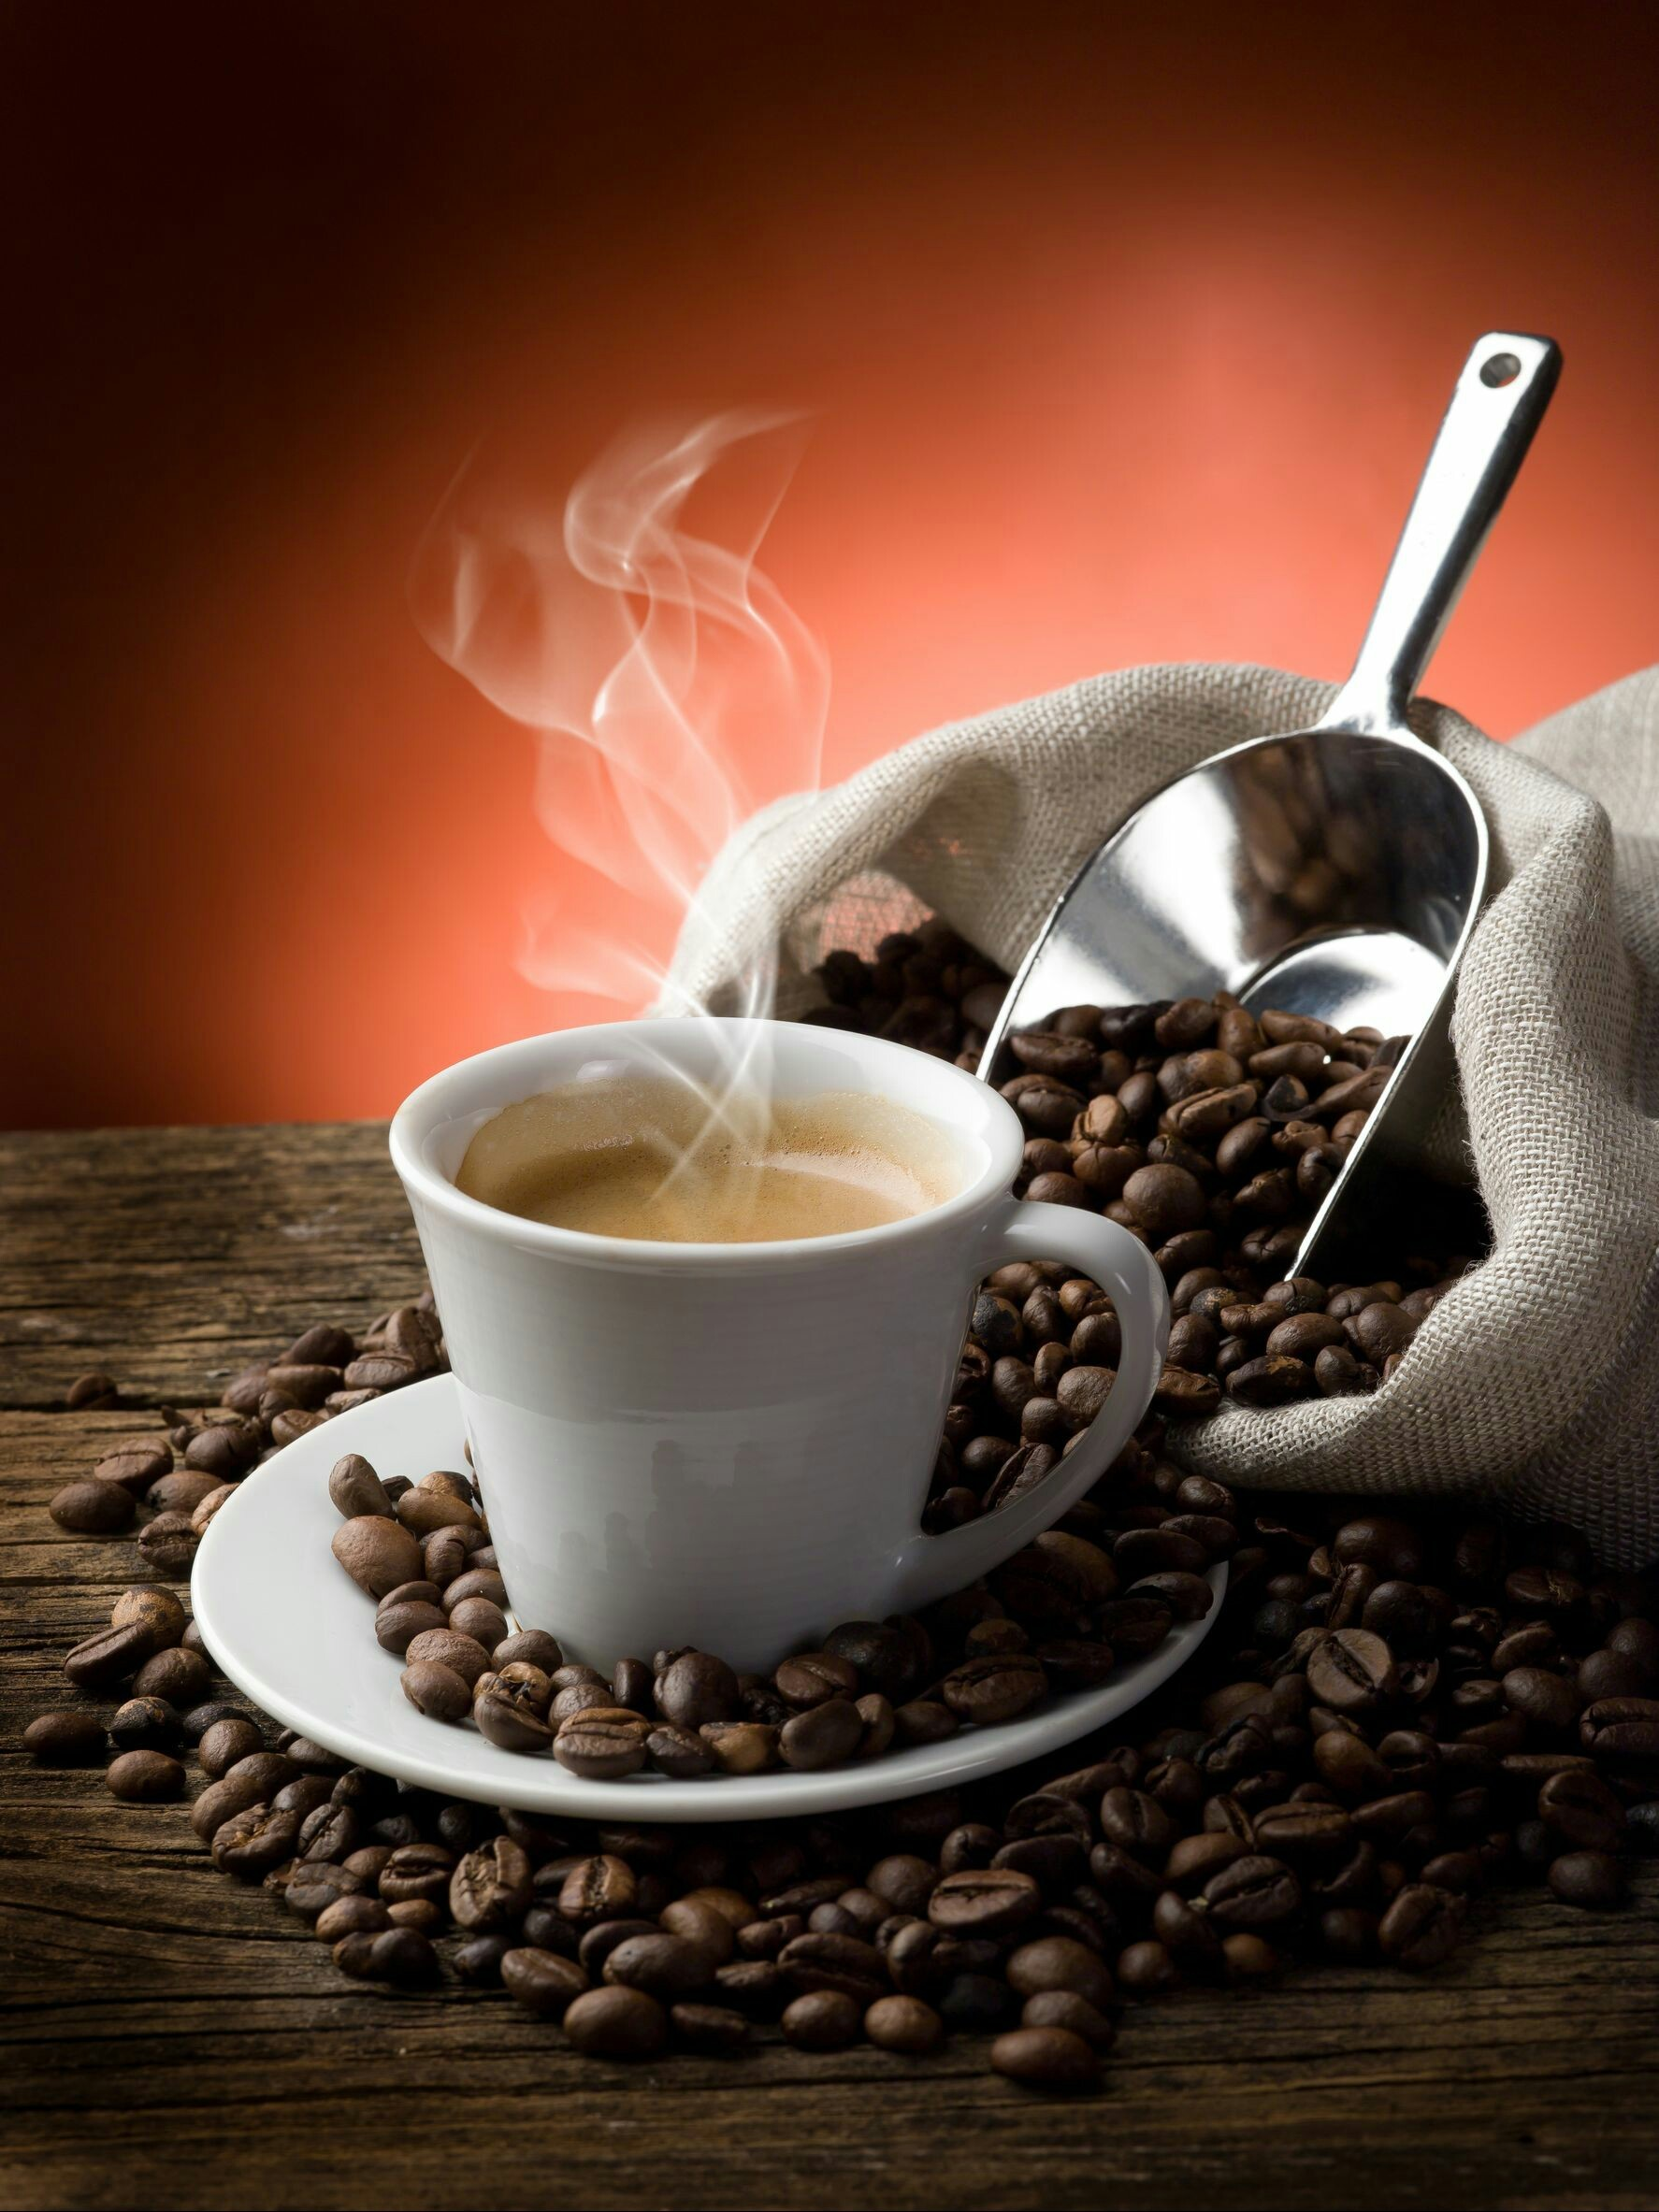 Обои записка, кофе. Разное foto 14